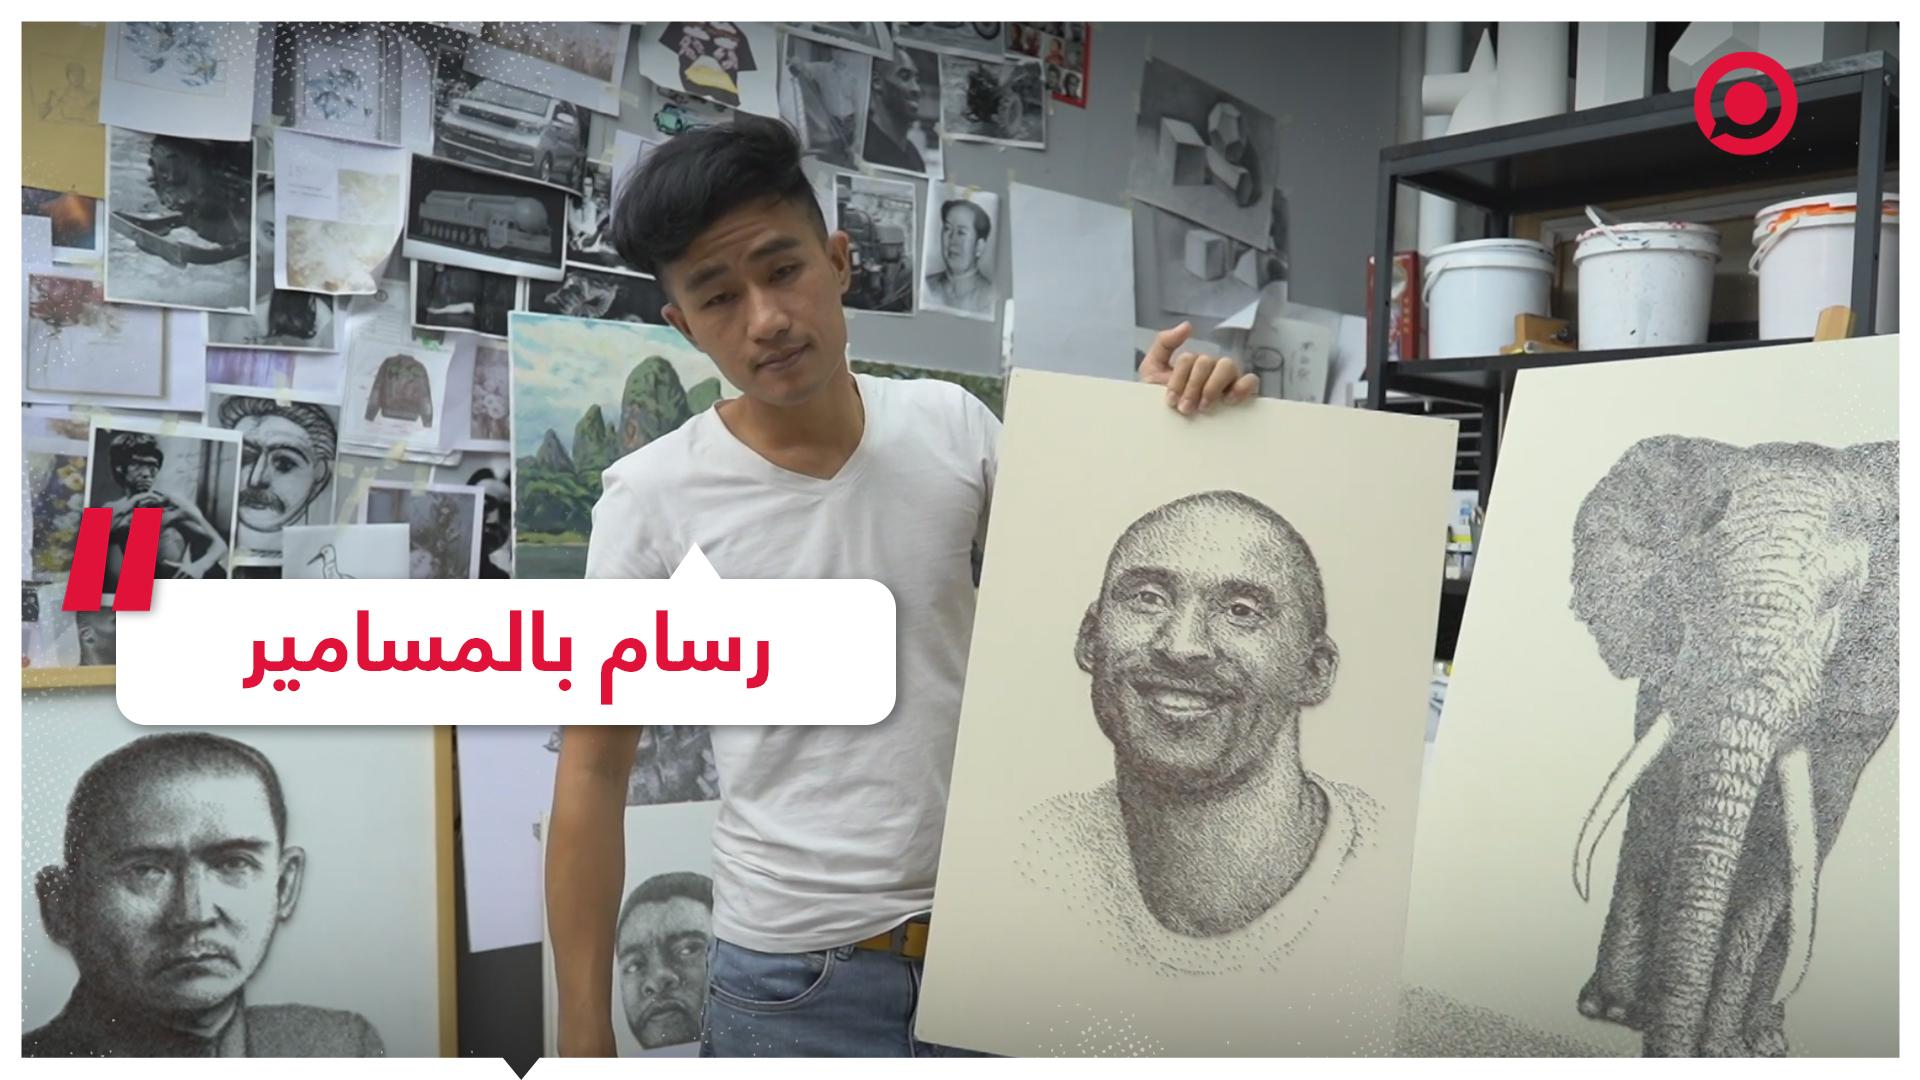 شاهد الفنان الصيني الذي يرسم لوحاته بالمسامير!